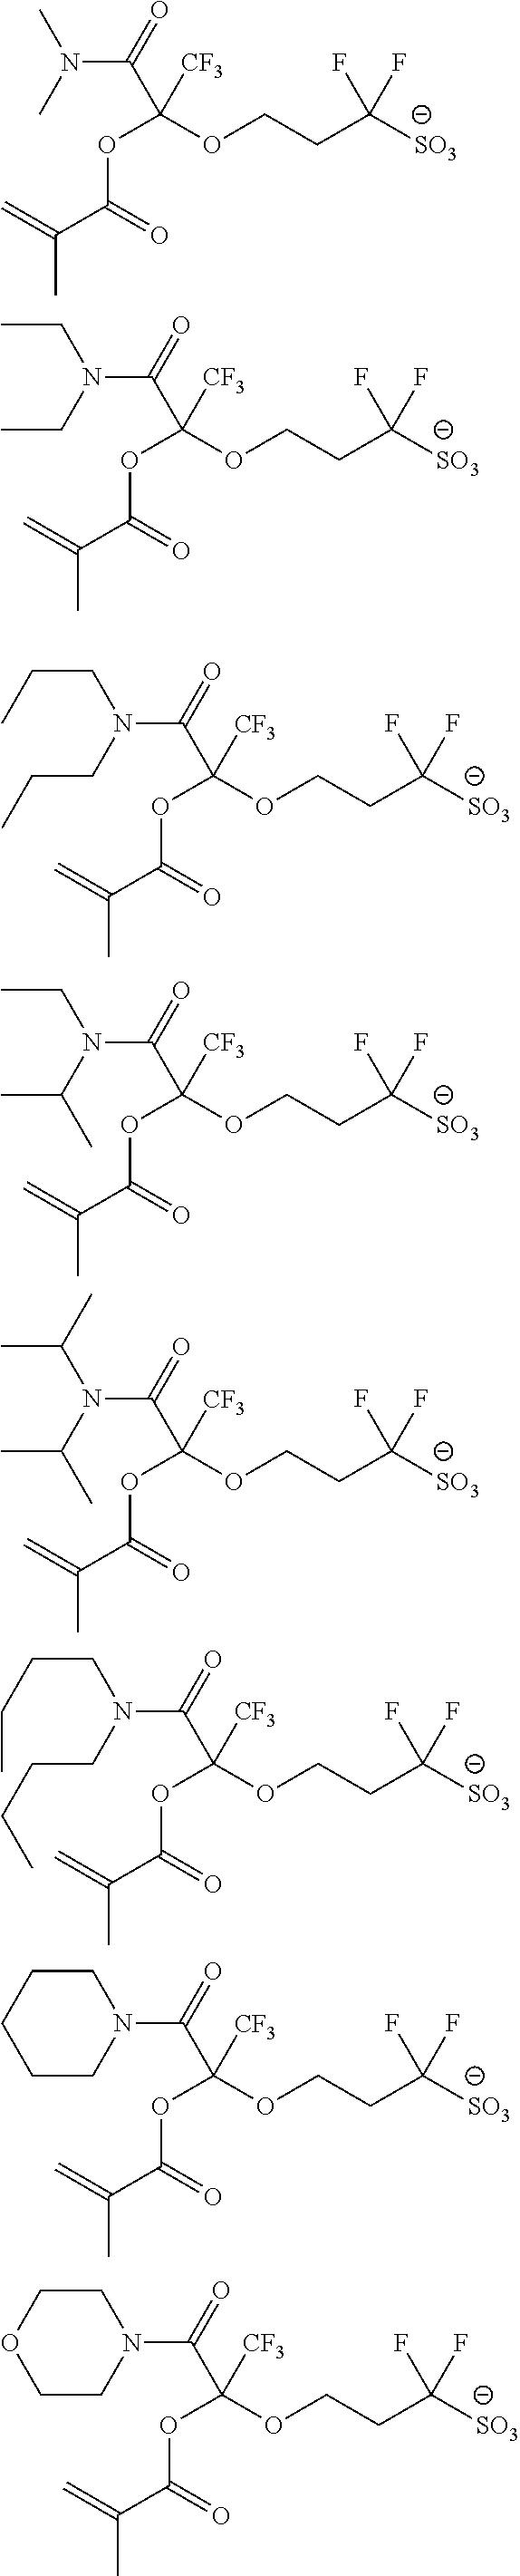 Figure US09182664-20151110-C00076